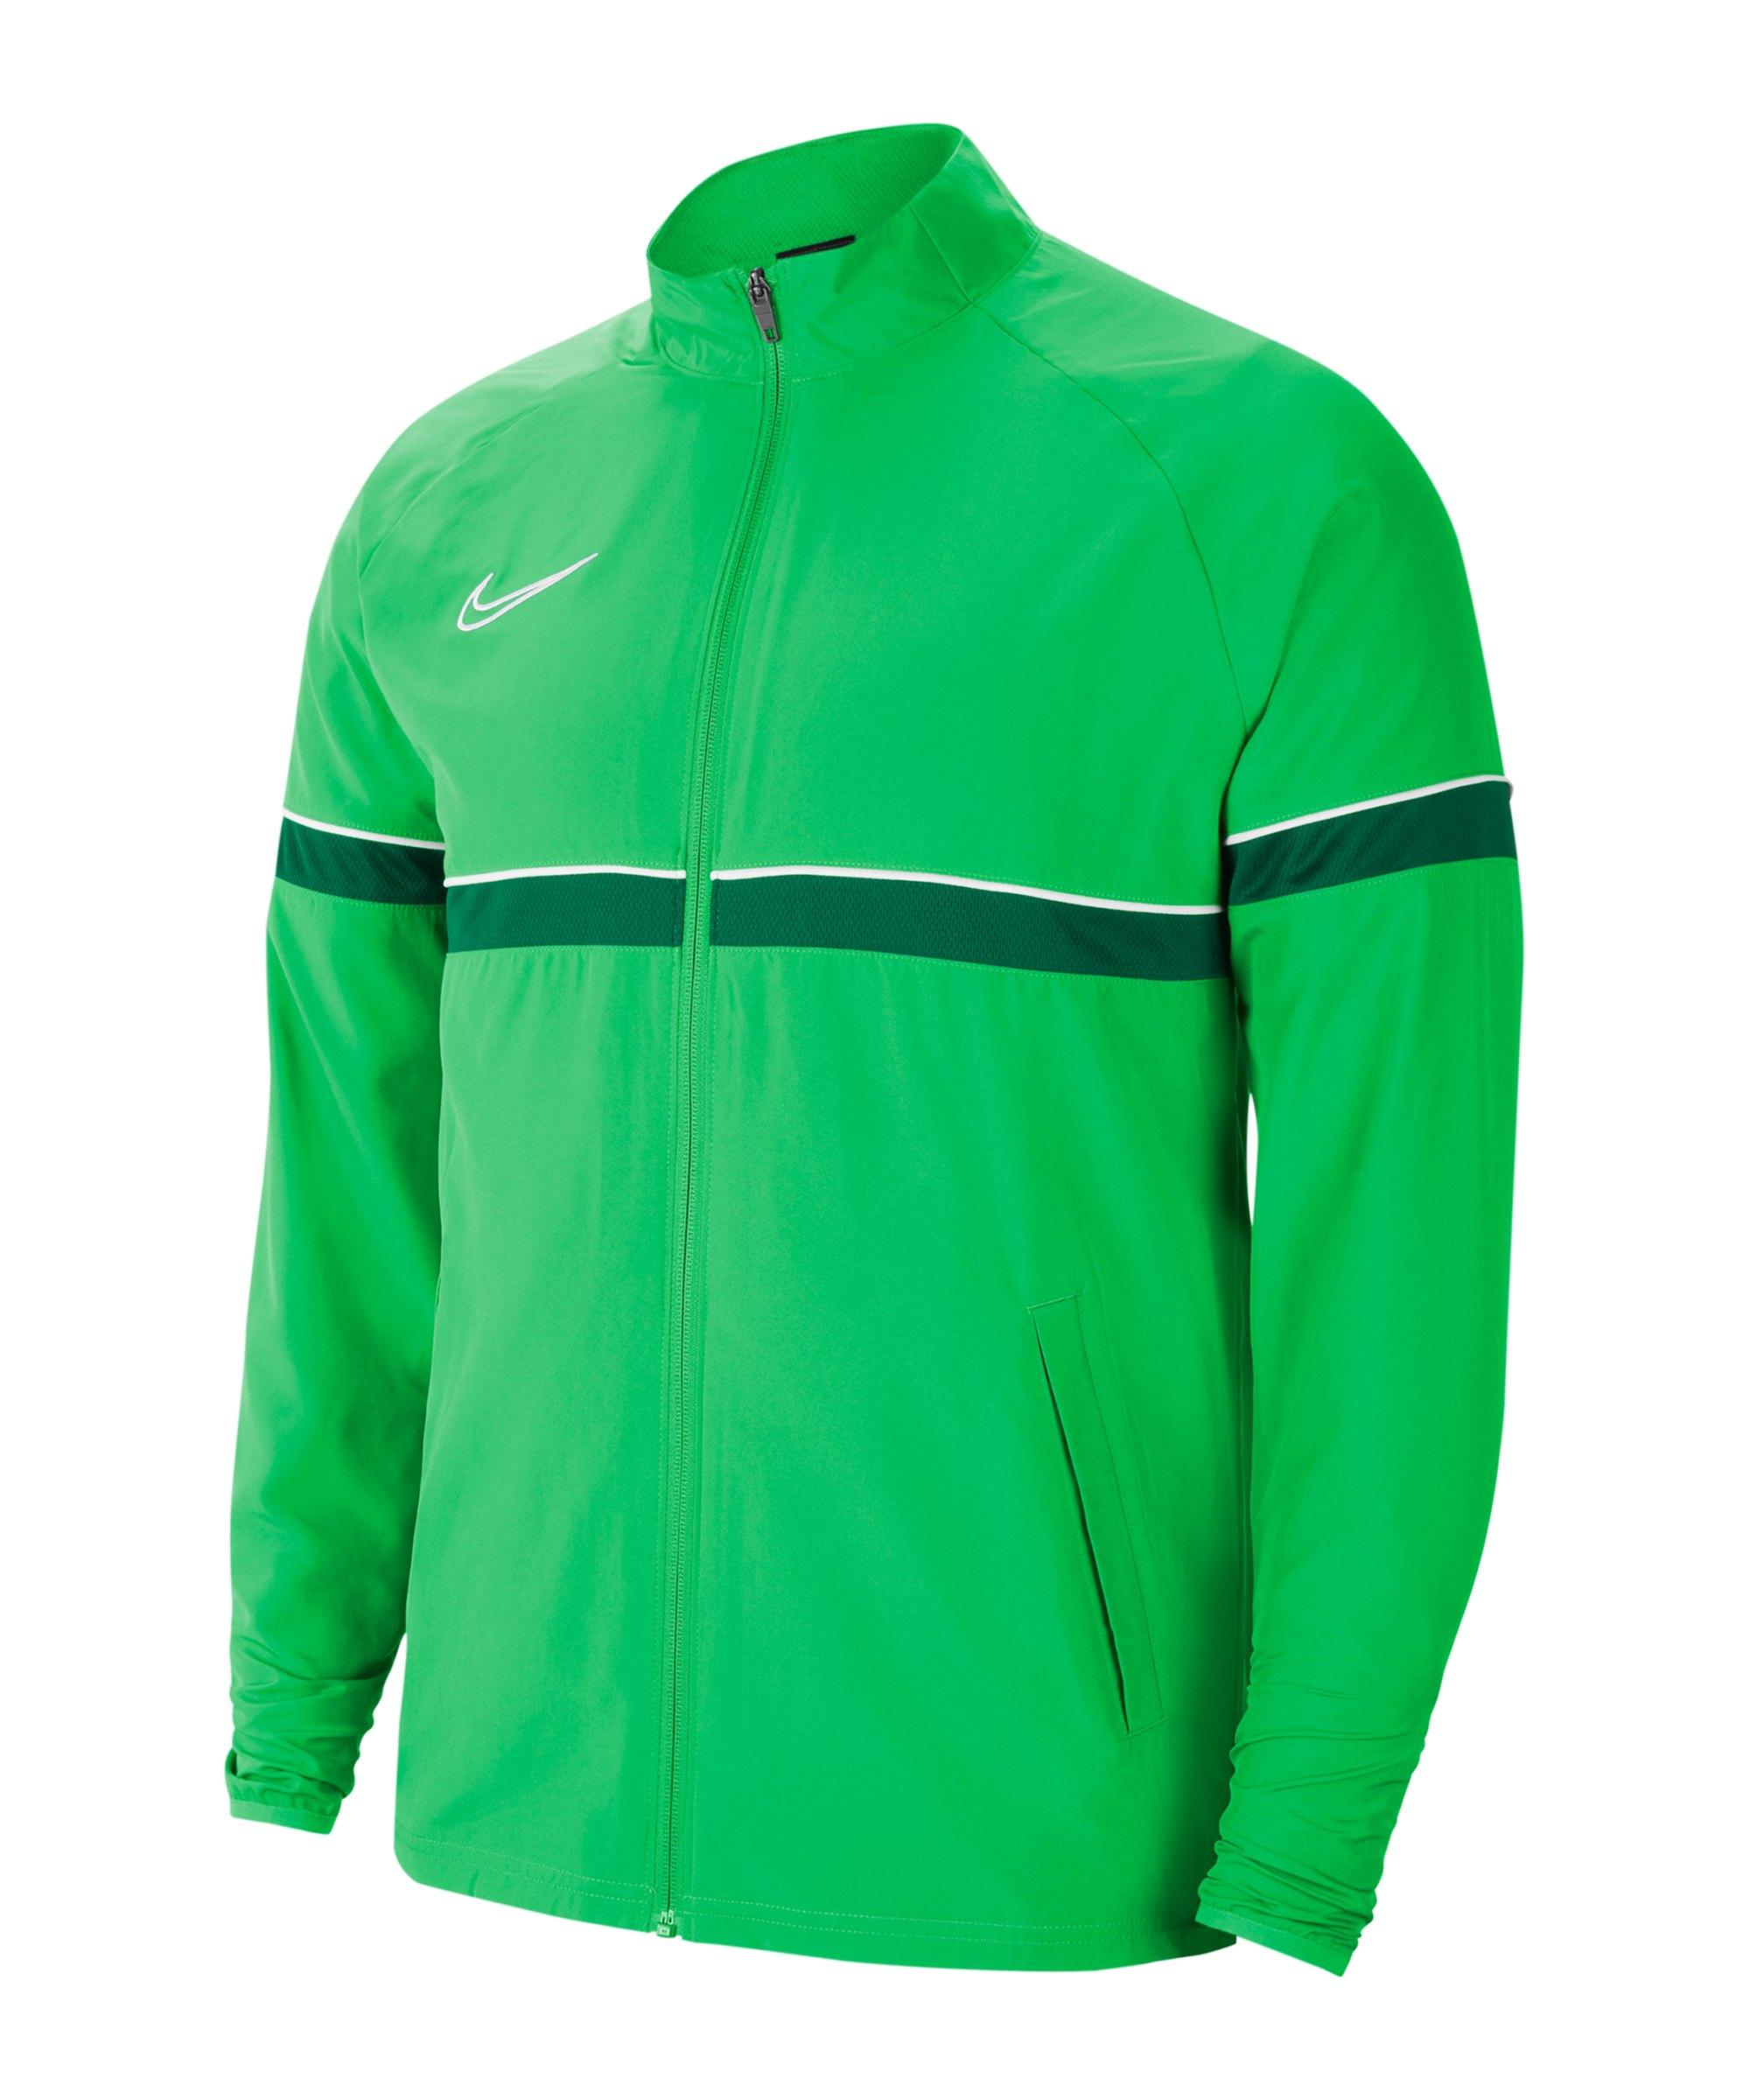 Nike Academy 21 Woven Trainingsjacke Kids F362 - gruen